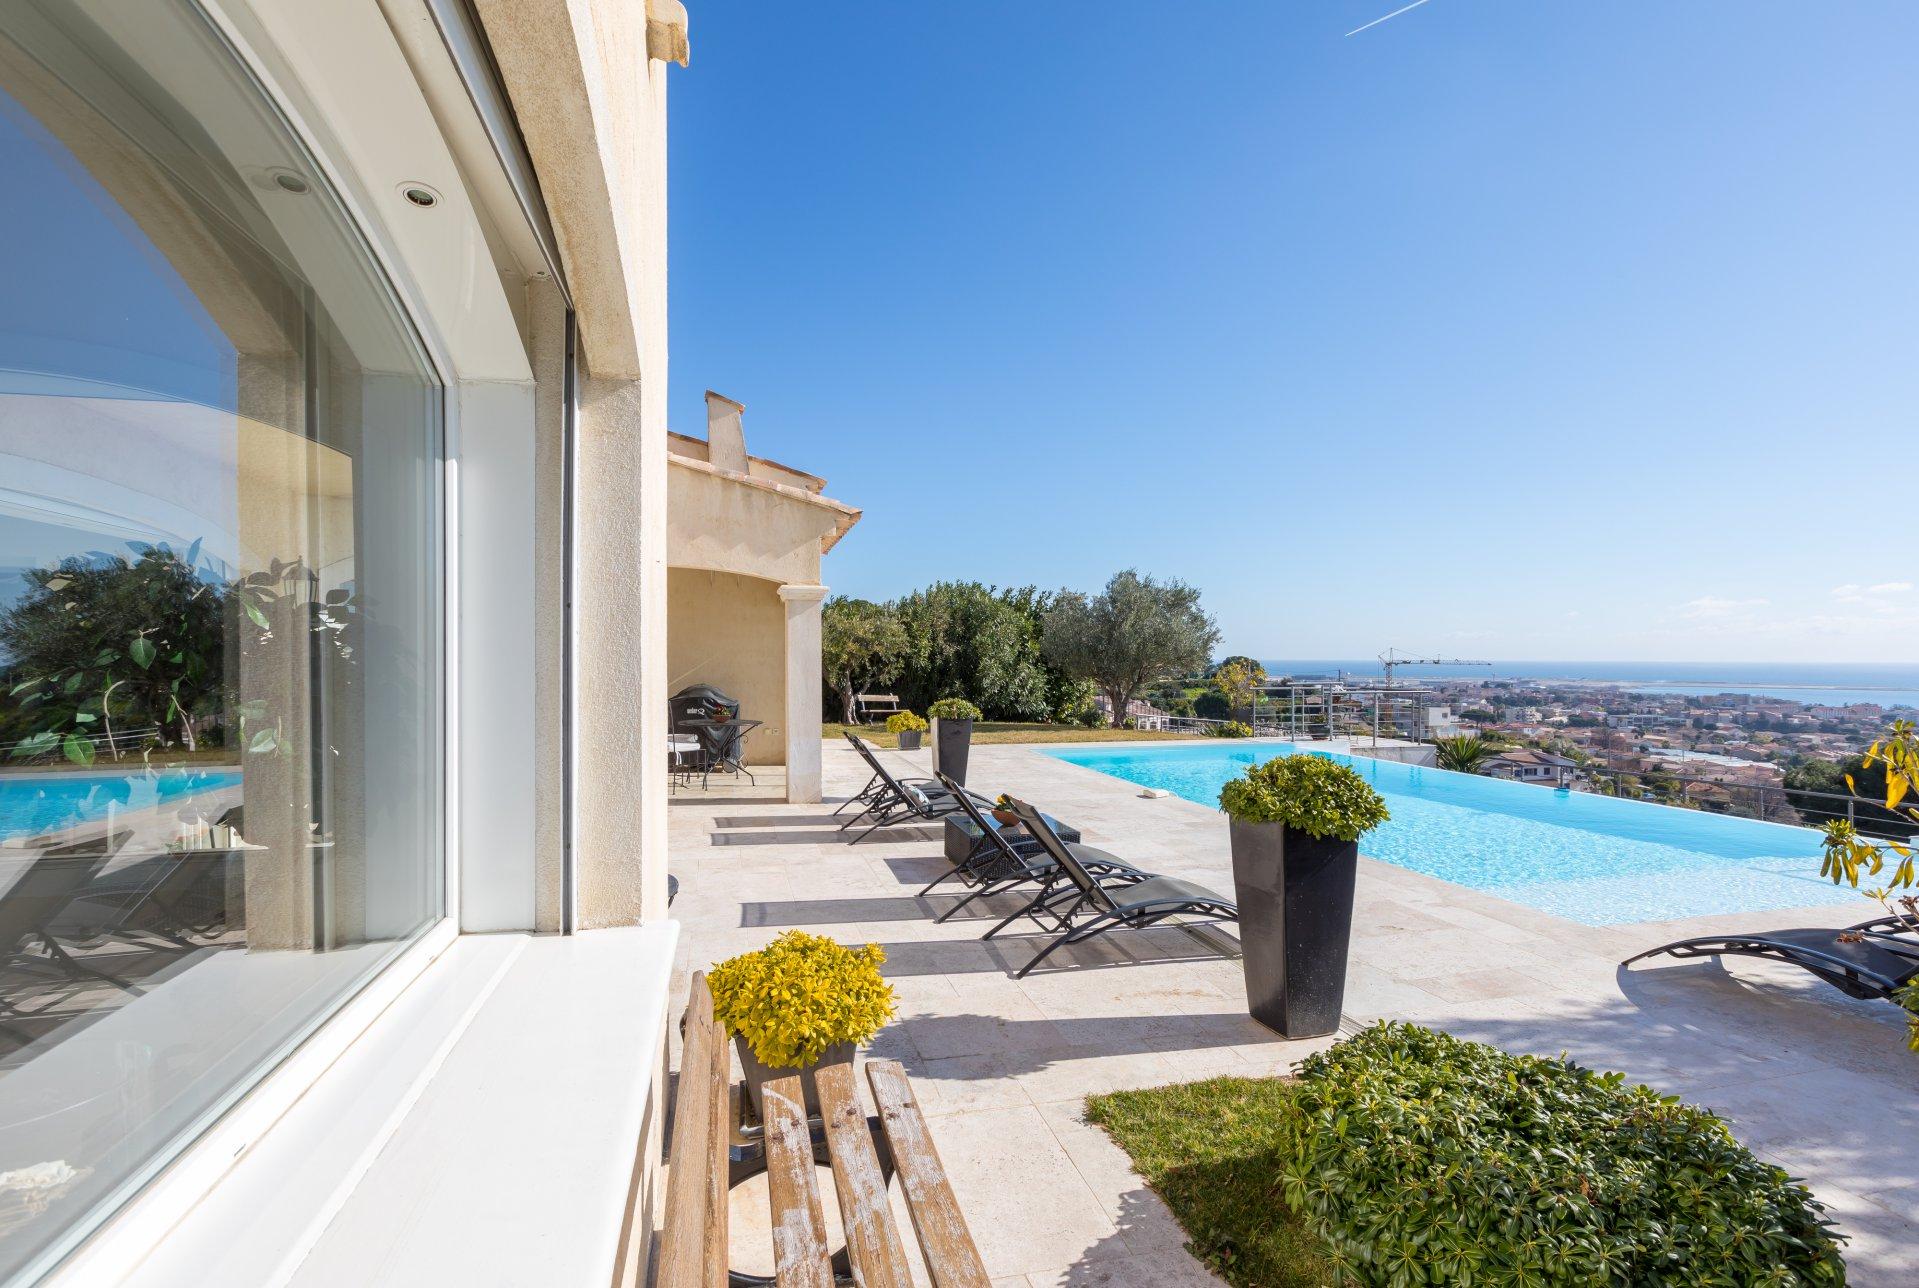 Anzeige Verkauf Eigentum Cagnes-sur-Mer (06800), 9 Räume ref:V2165CO